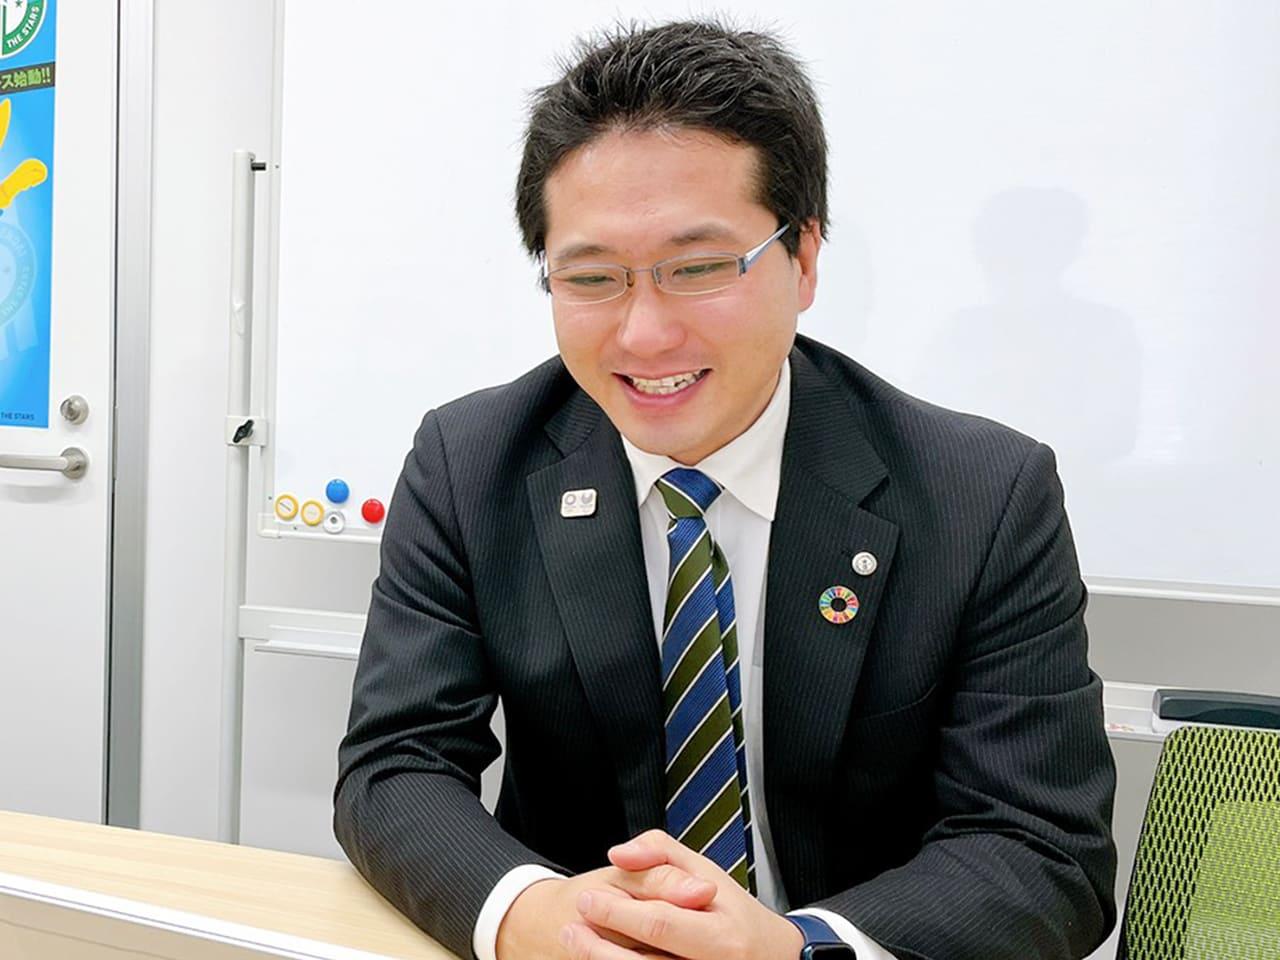 マイナビ粟井社長 インタビューカット